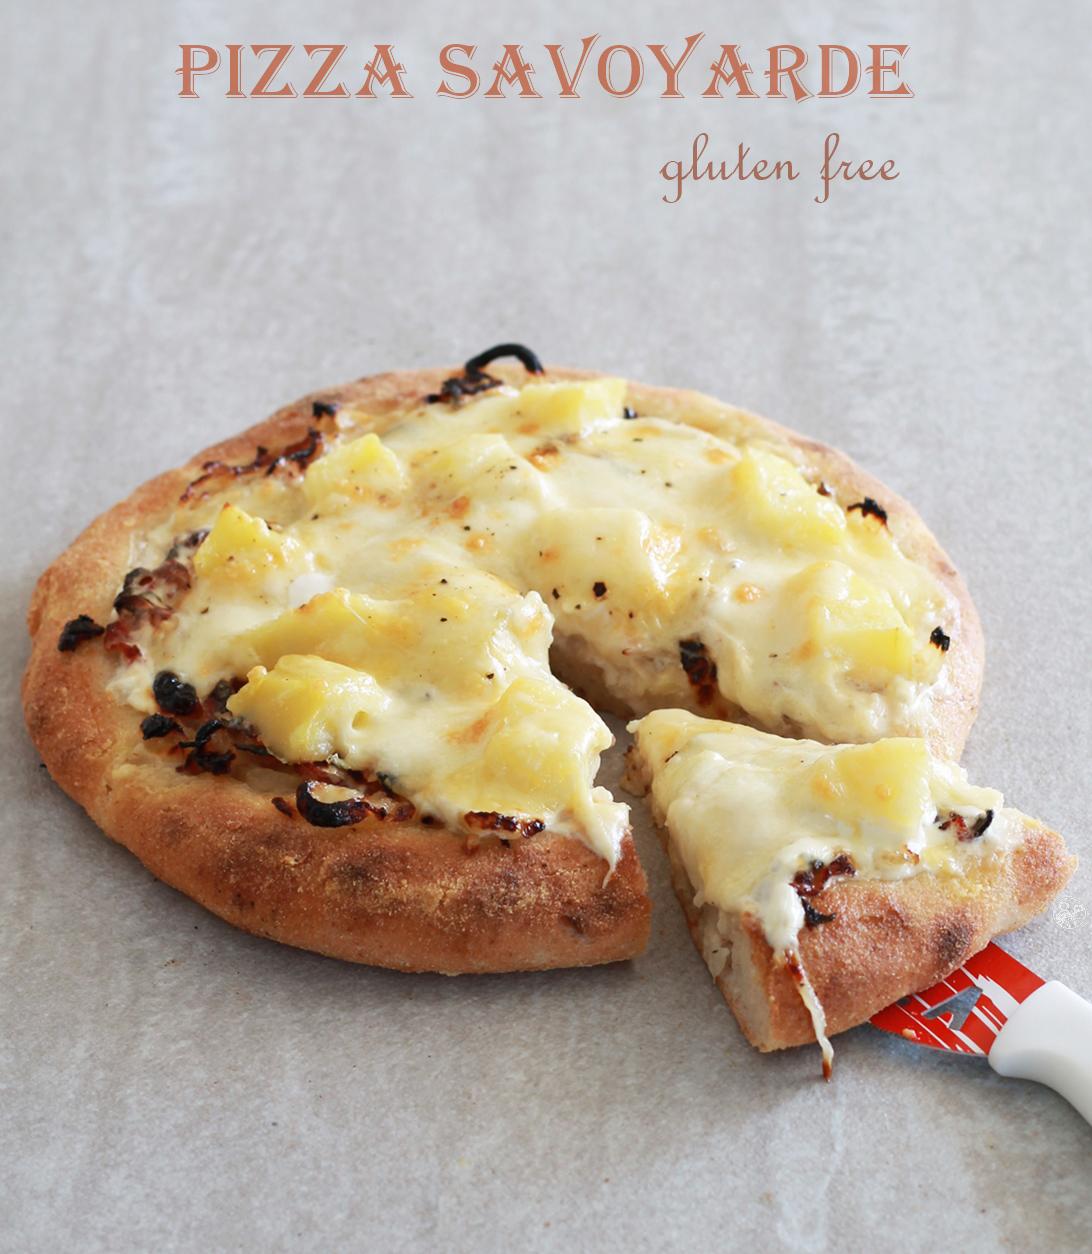 Pizza savoyarde sans gluten en vidéo - La Cassata Celiaca